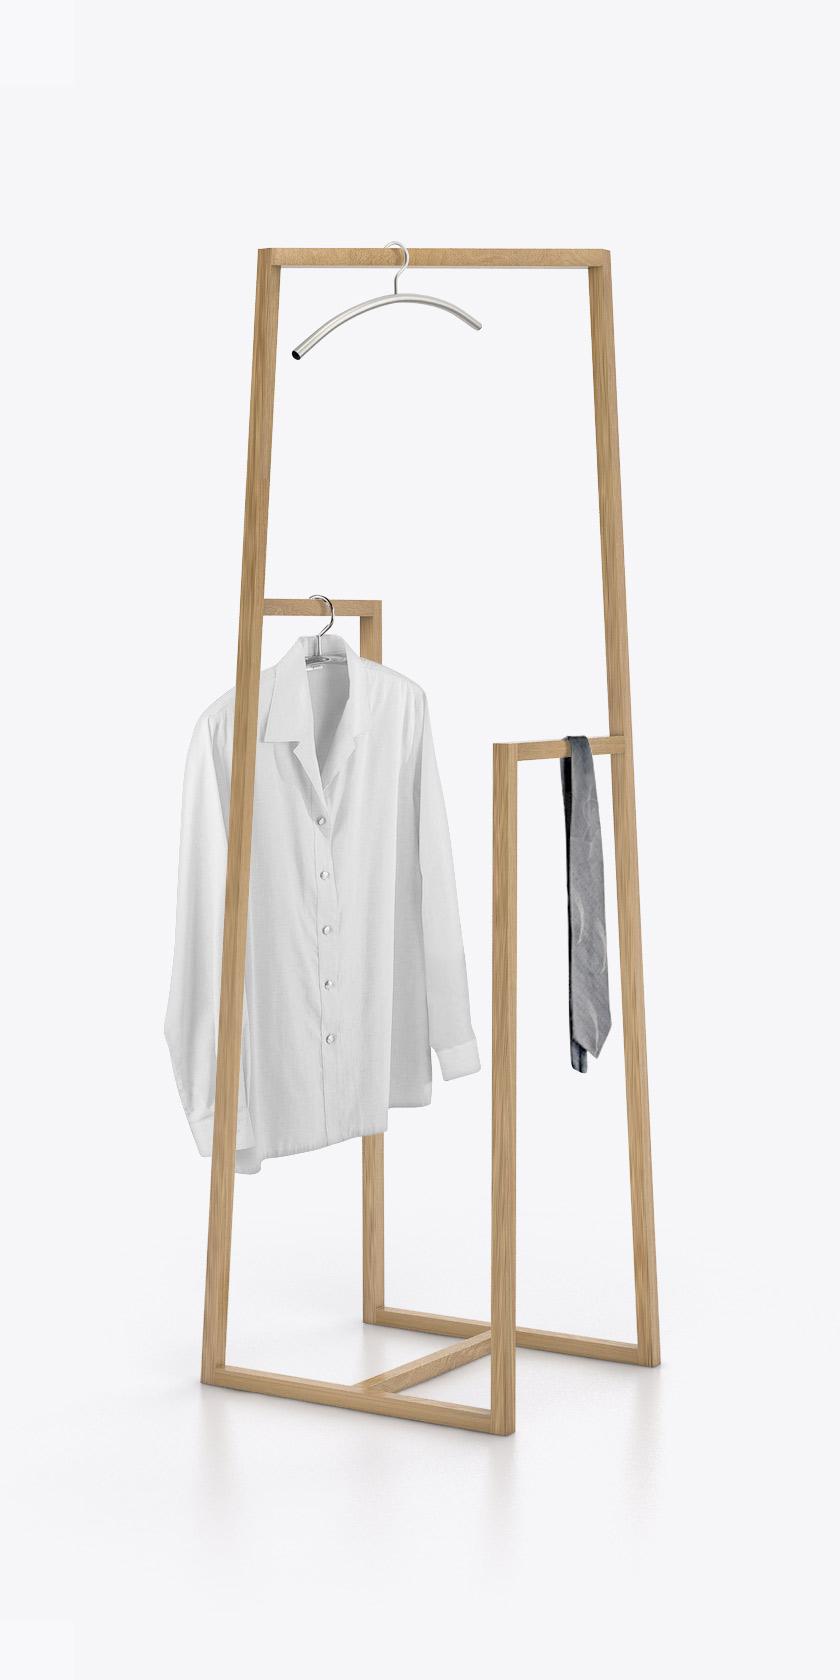 Garderobe Inifinity - Möbeldesign von Philipp Günther